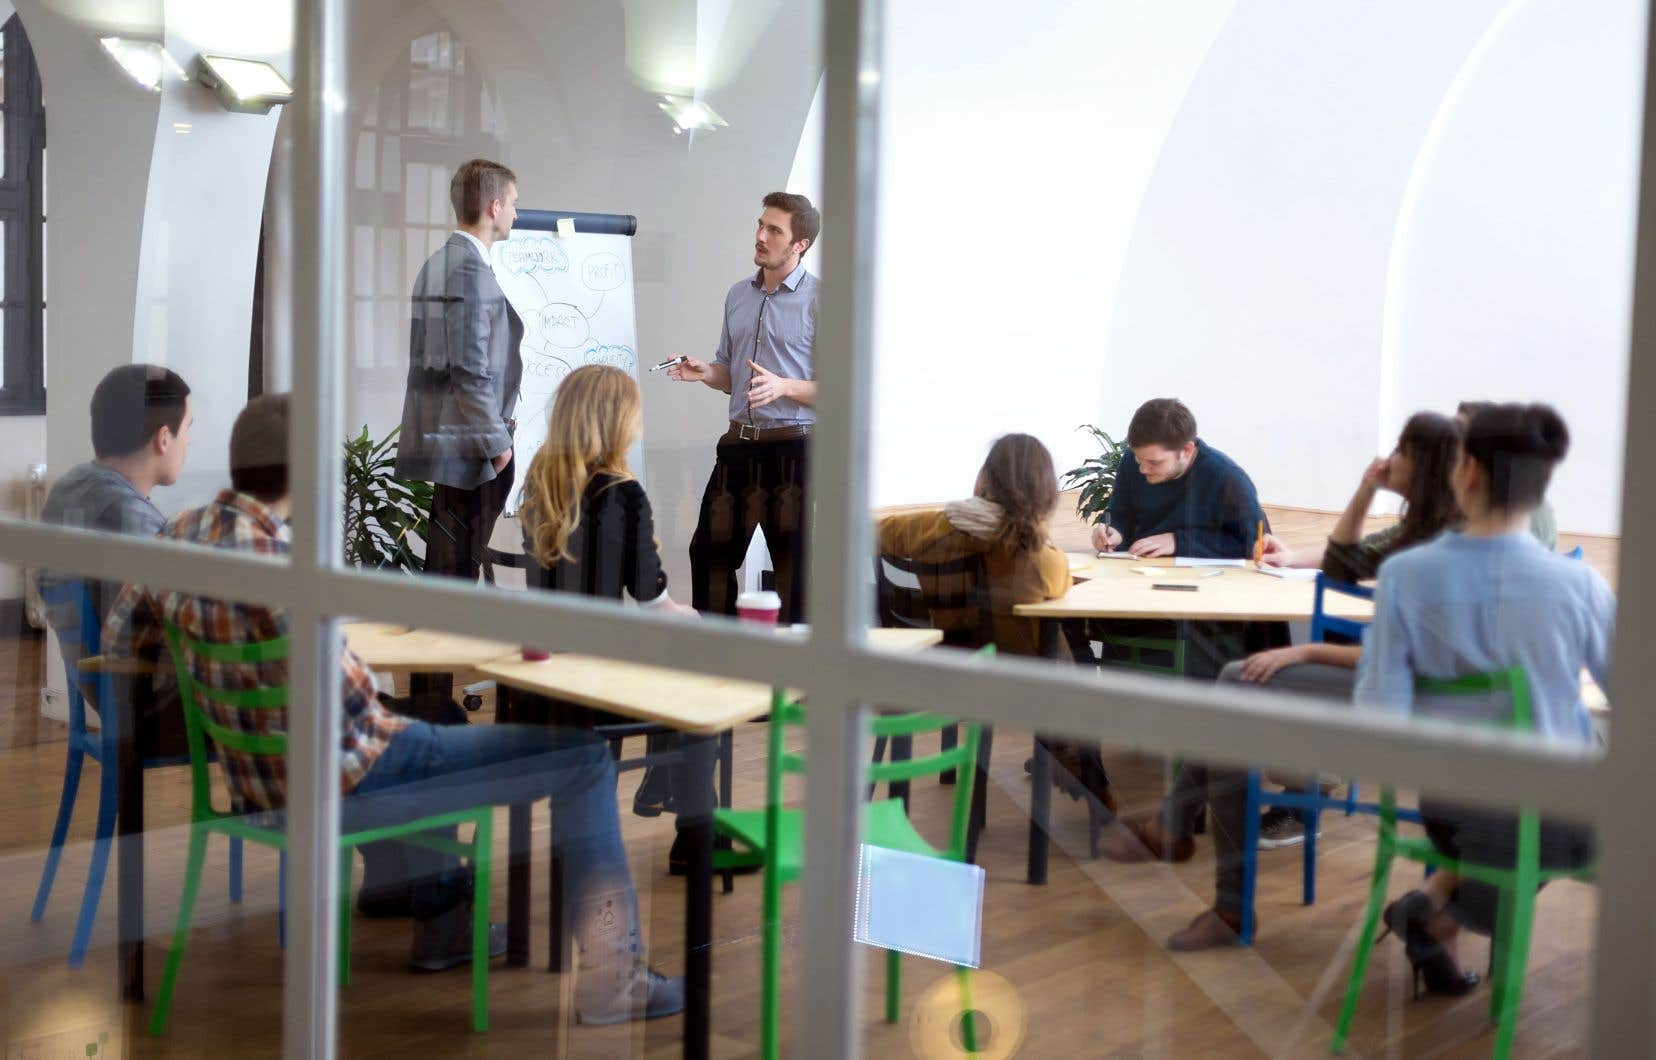 Le virage vers la formation amène, entre autres, à avoir plus recours à la formation en entreprise et à développer des programmes beaucoup plus courts.